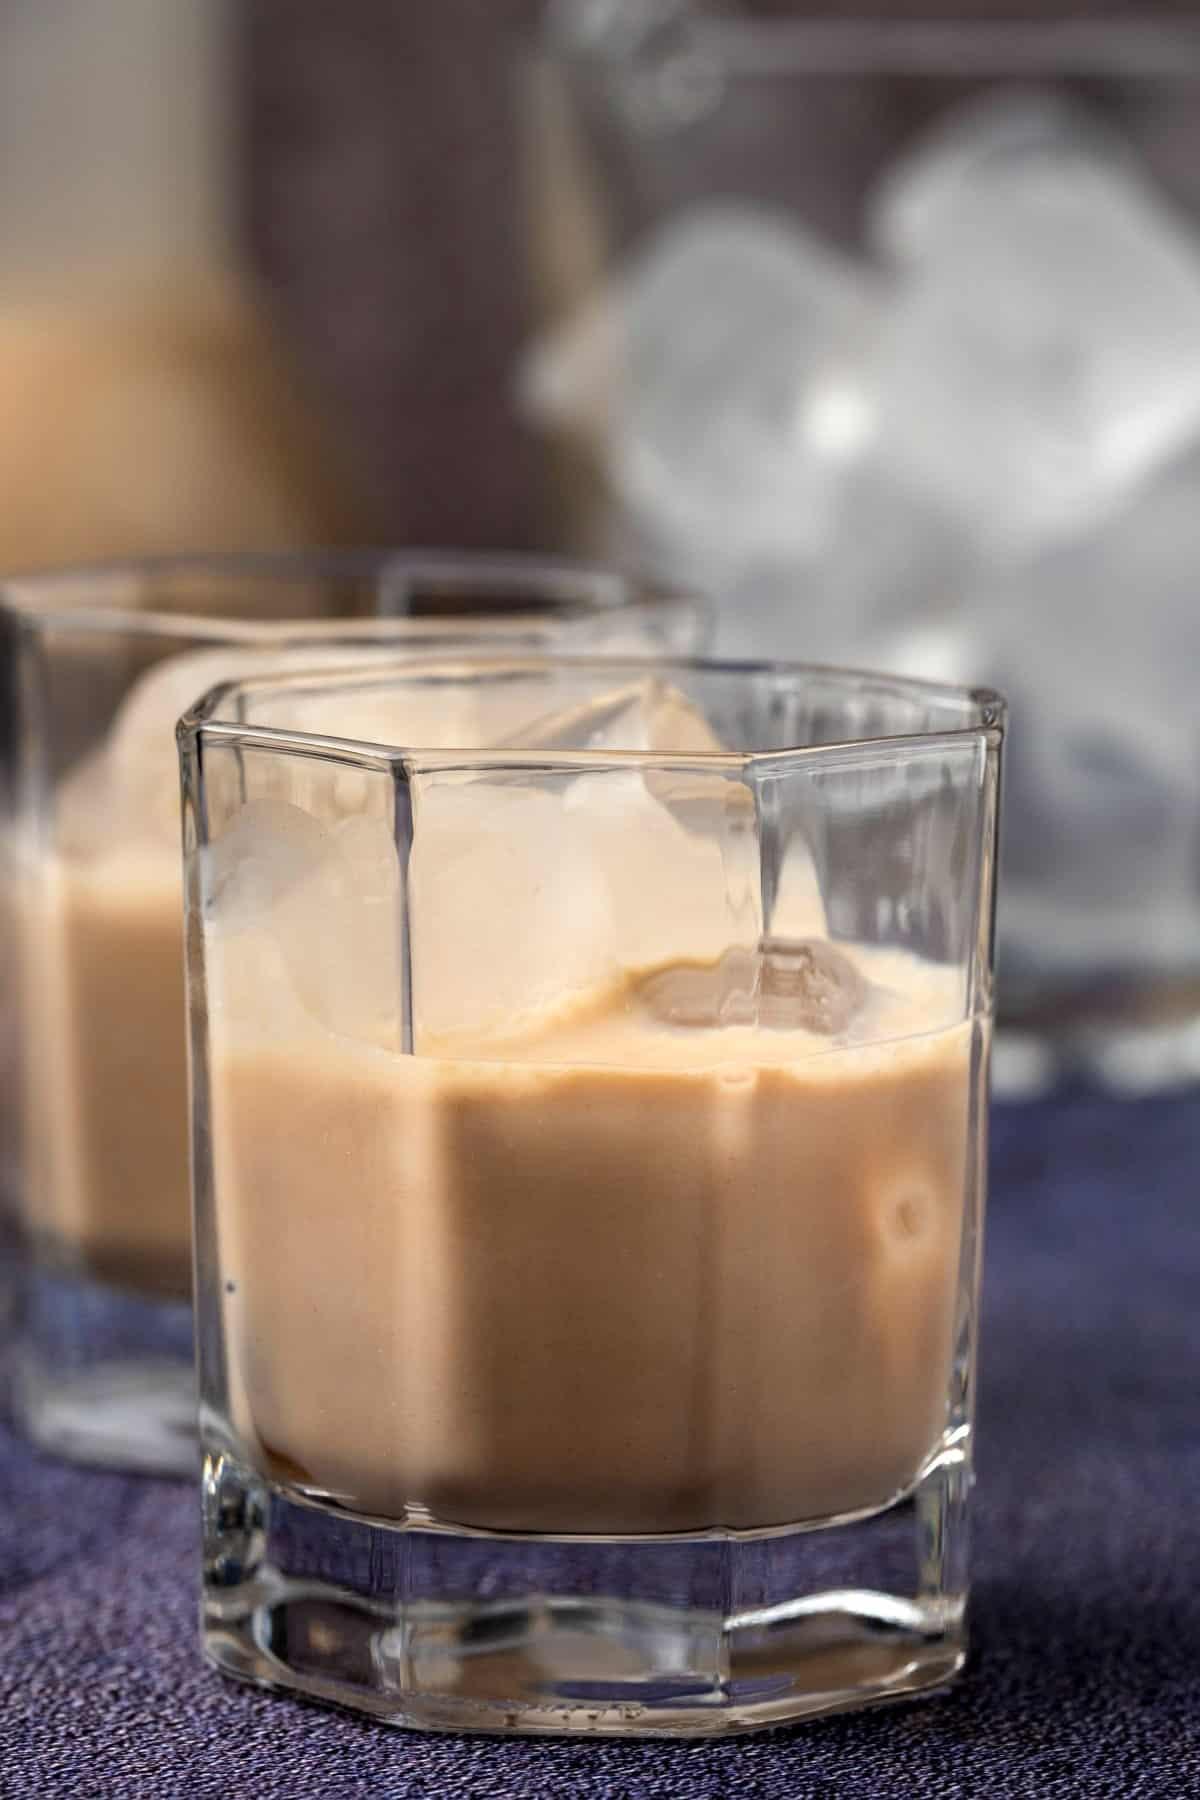 Irish cream over ice in a glass.